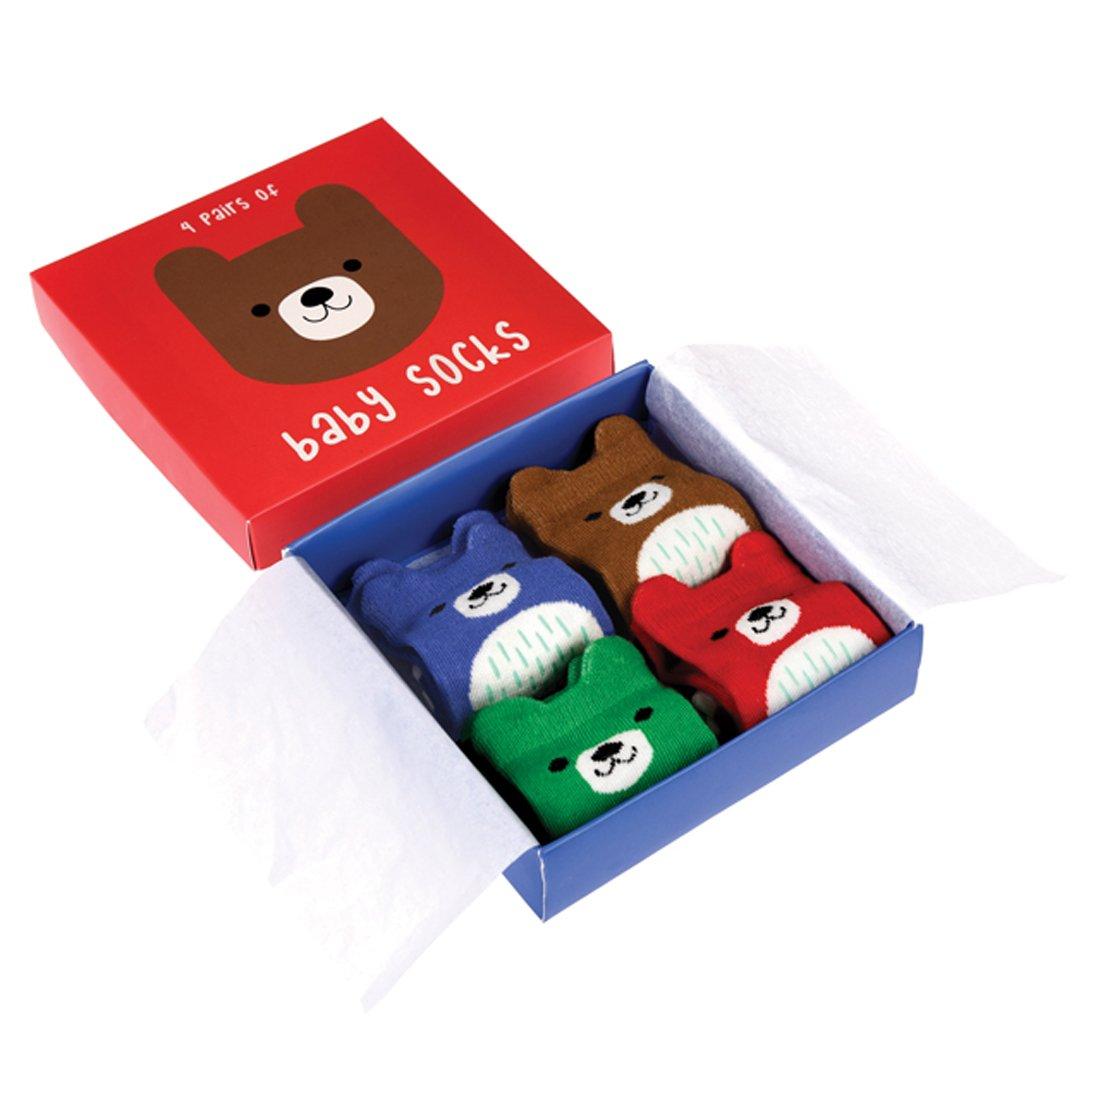 Bunte Babysocken 4 Paar im Geschenkkarton aus Baumwolle Motiv (Bär) Rex International